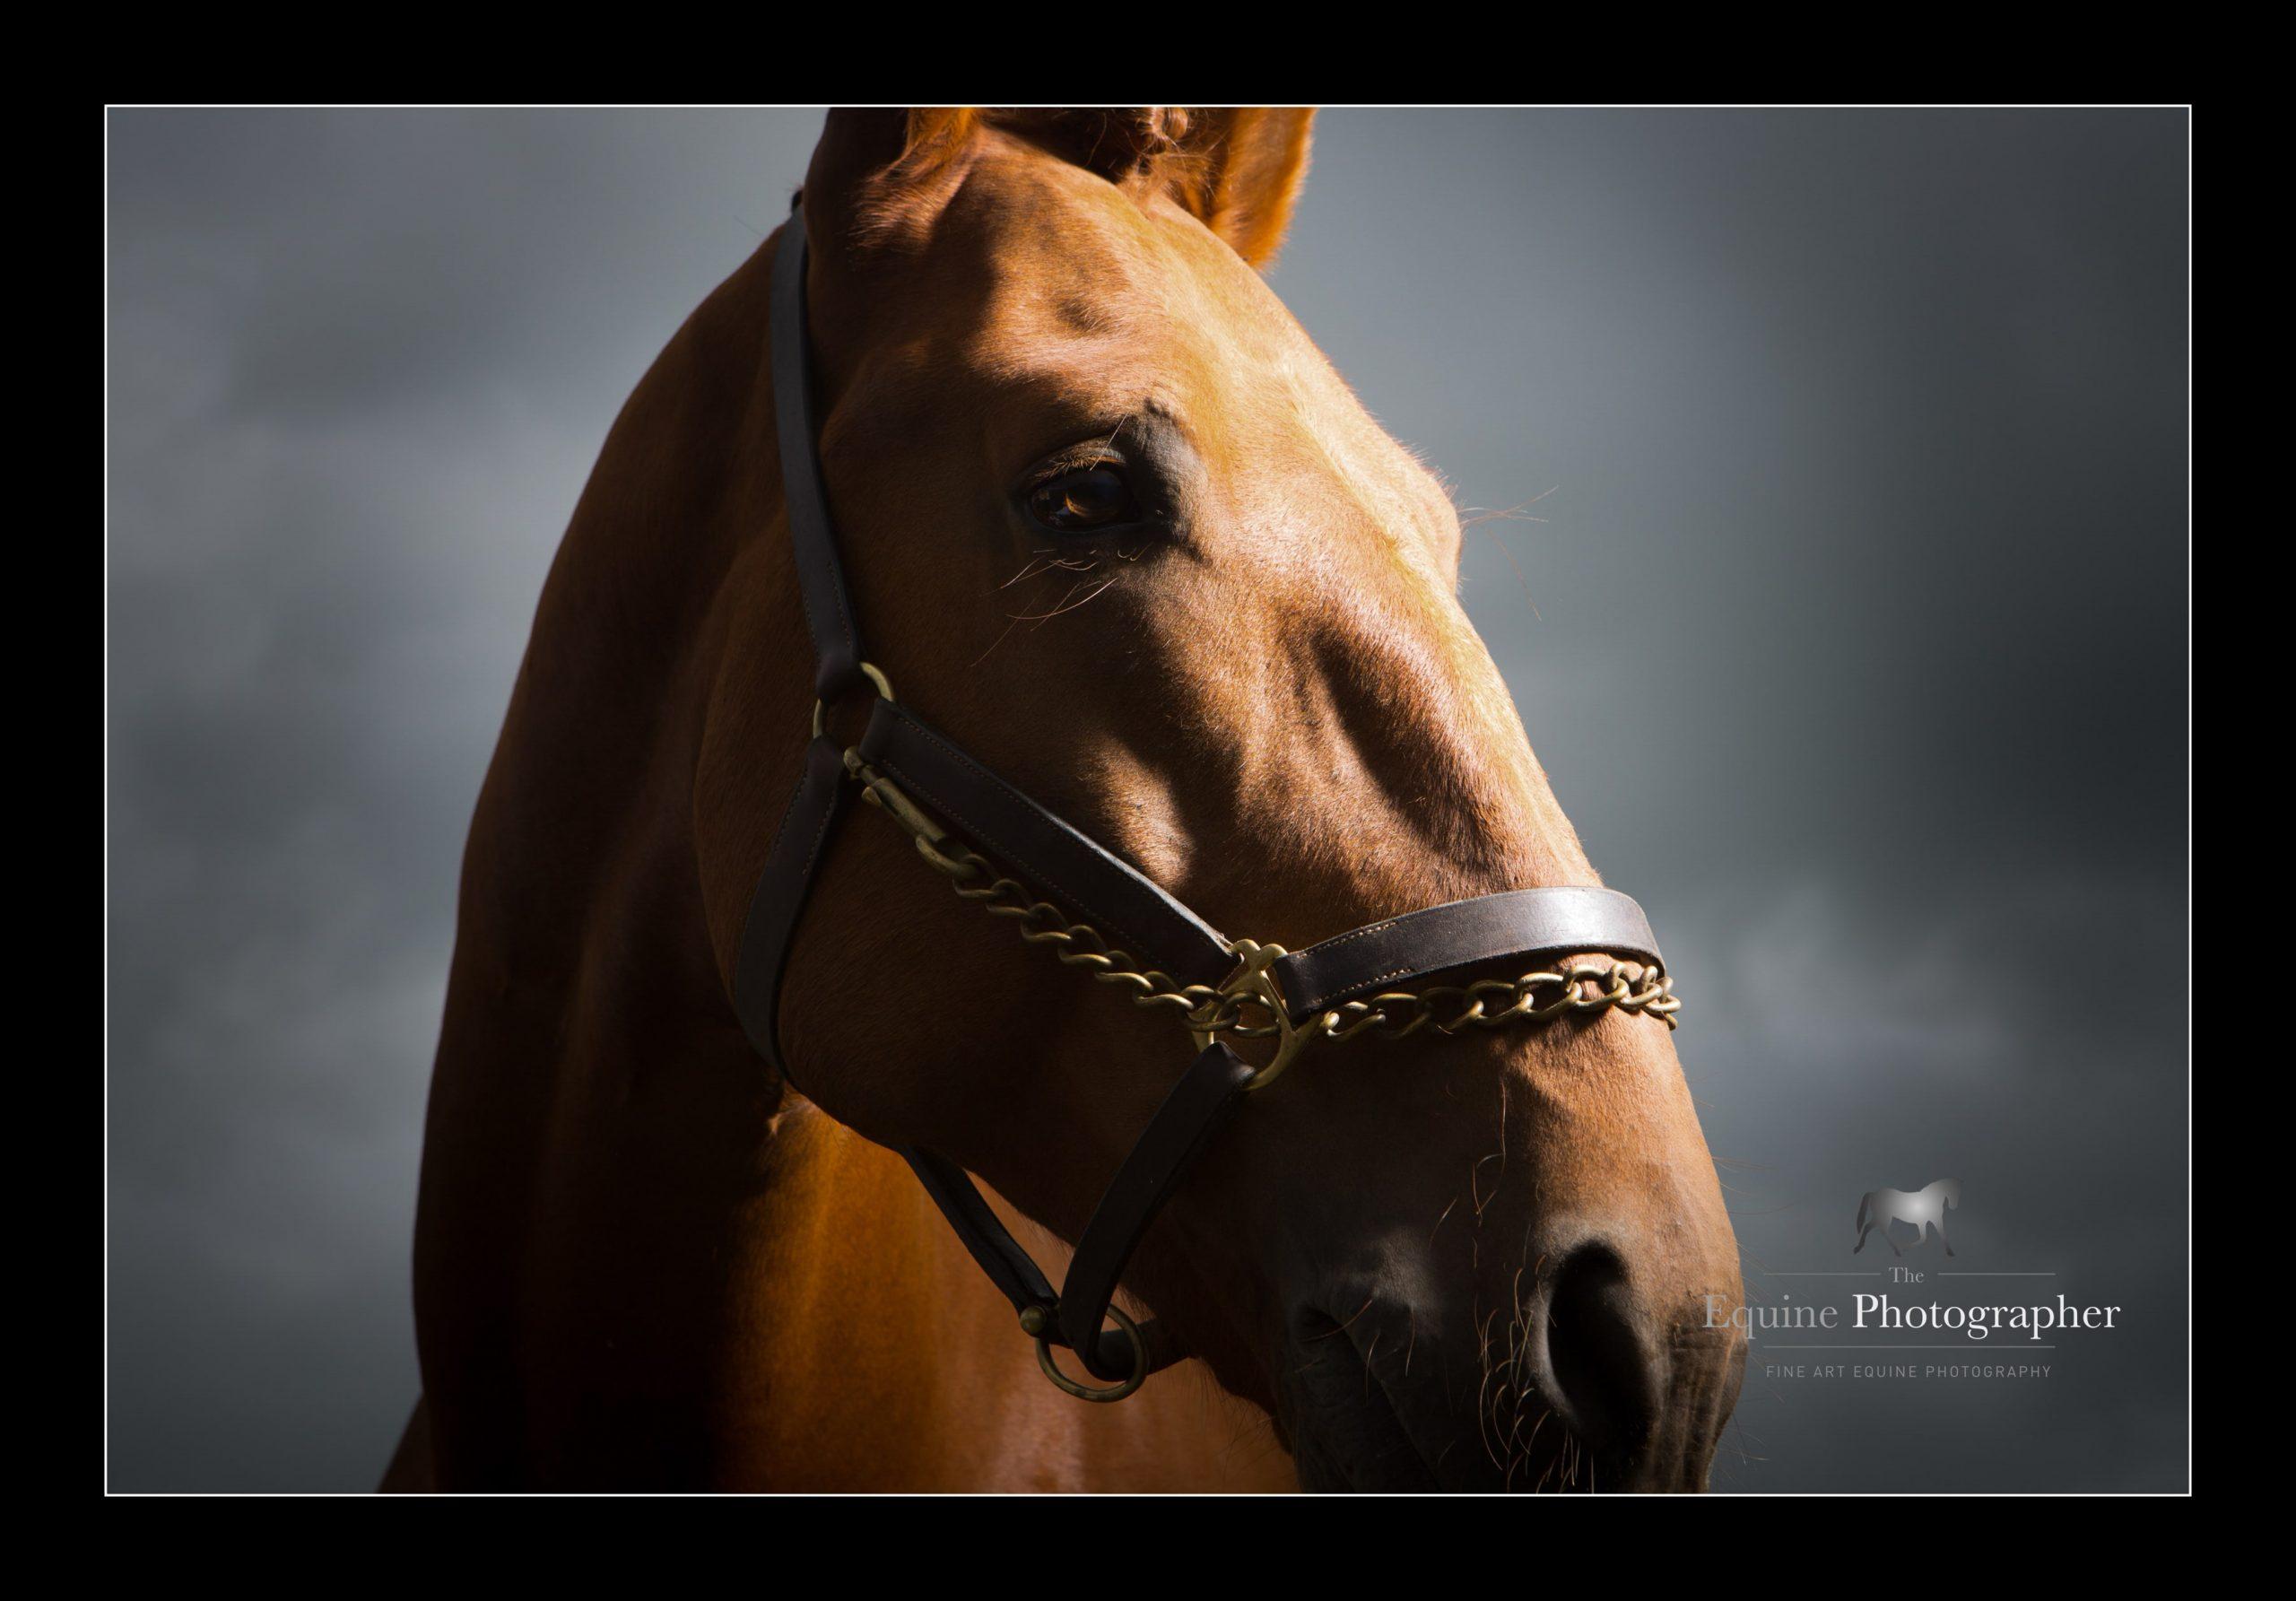 horse_portrait_equine_013-min